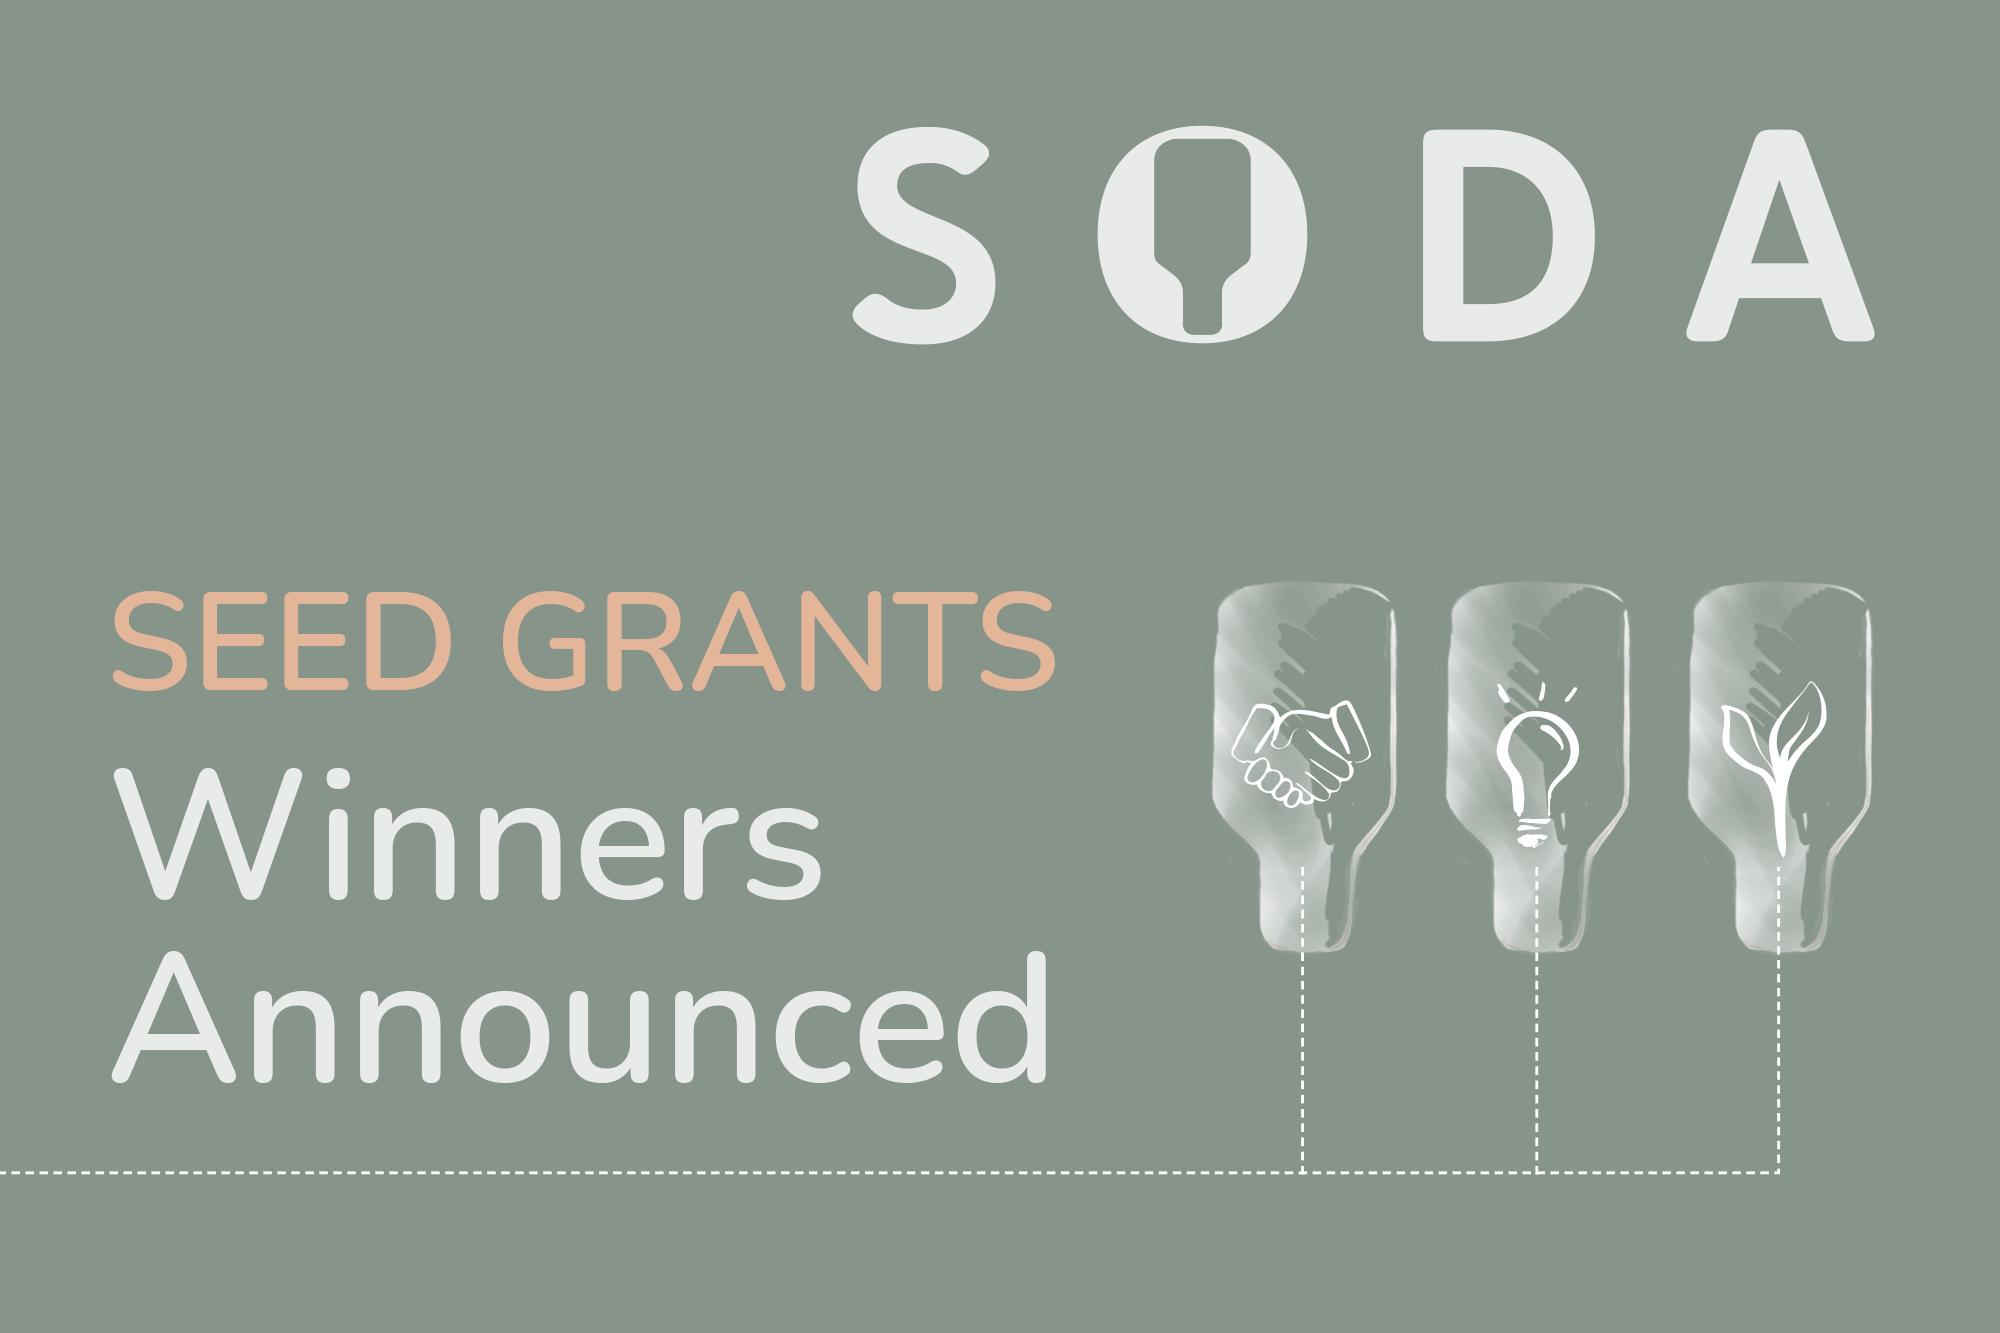 Soda Seed Grant Winners Announced